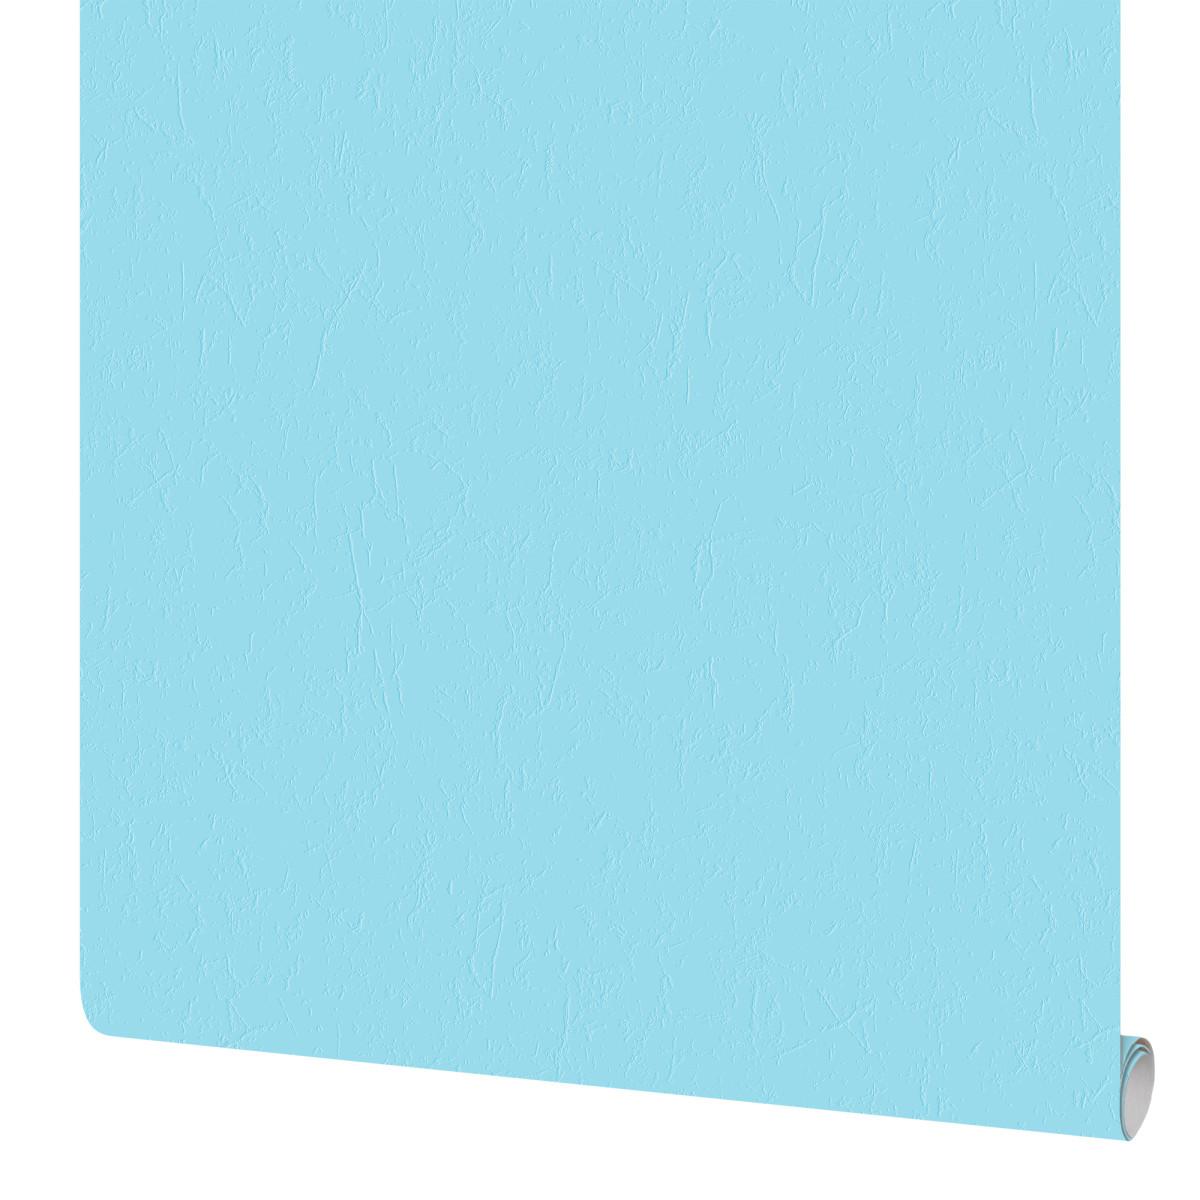 Обои виниловые WallDecor Венеция голубые 0.53 м 85001-62